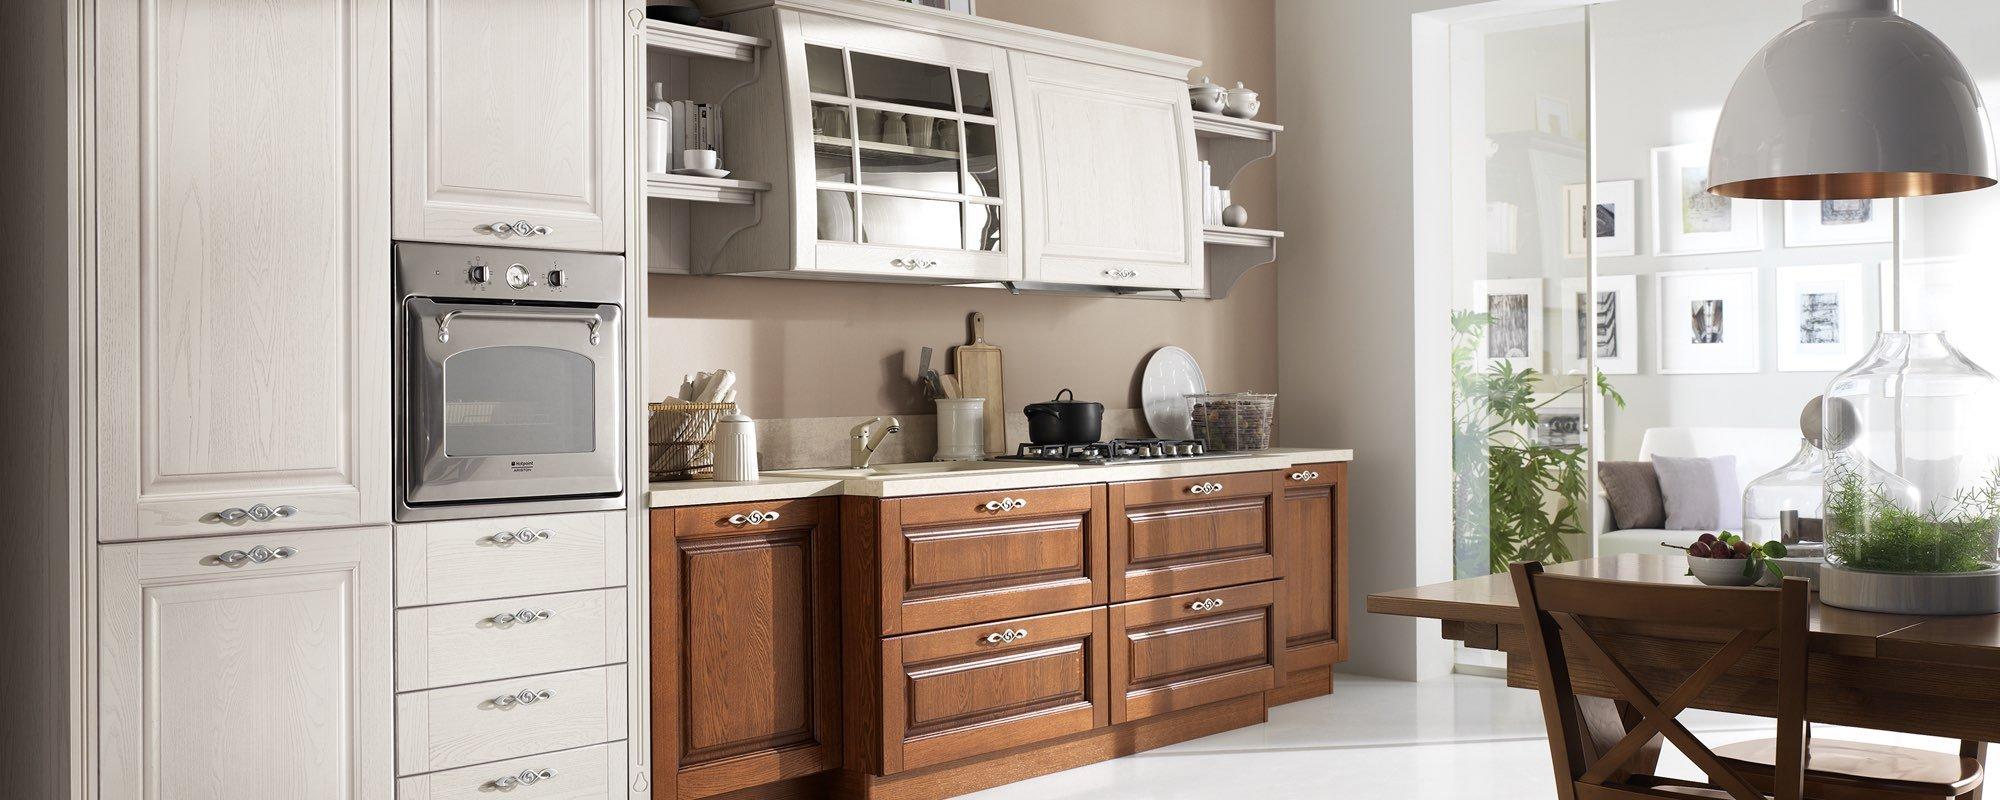 cucina classica bianca in legno con arredamento -SATURNIA